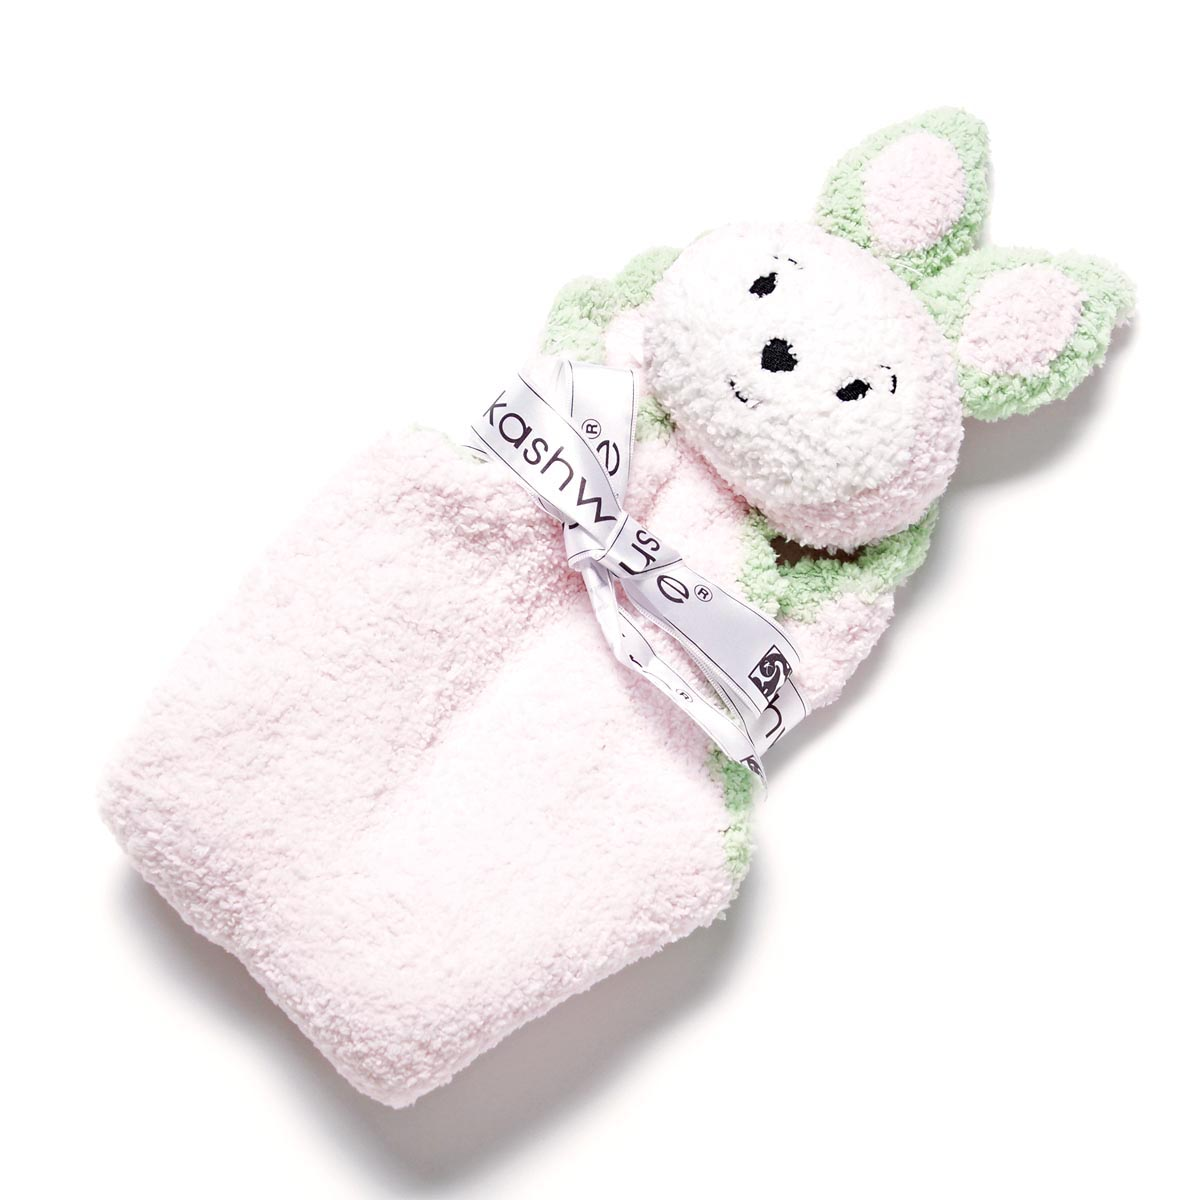 カシウエア Kashwere ベビーブランケット(ラビット) Pink with Green Apple Trim ピンク系 kk 60 01 40 キッズ&ベビー【ラッピング無料】【返品送料無料】【16 12 07】【あす楽対応_関東】